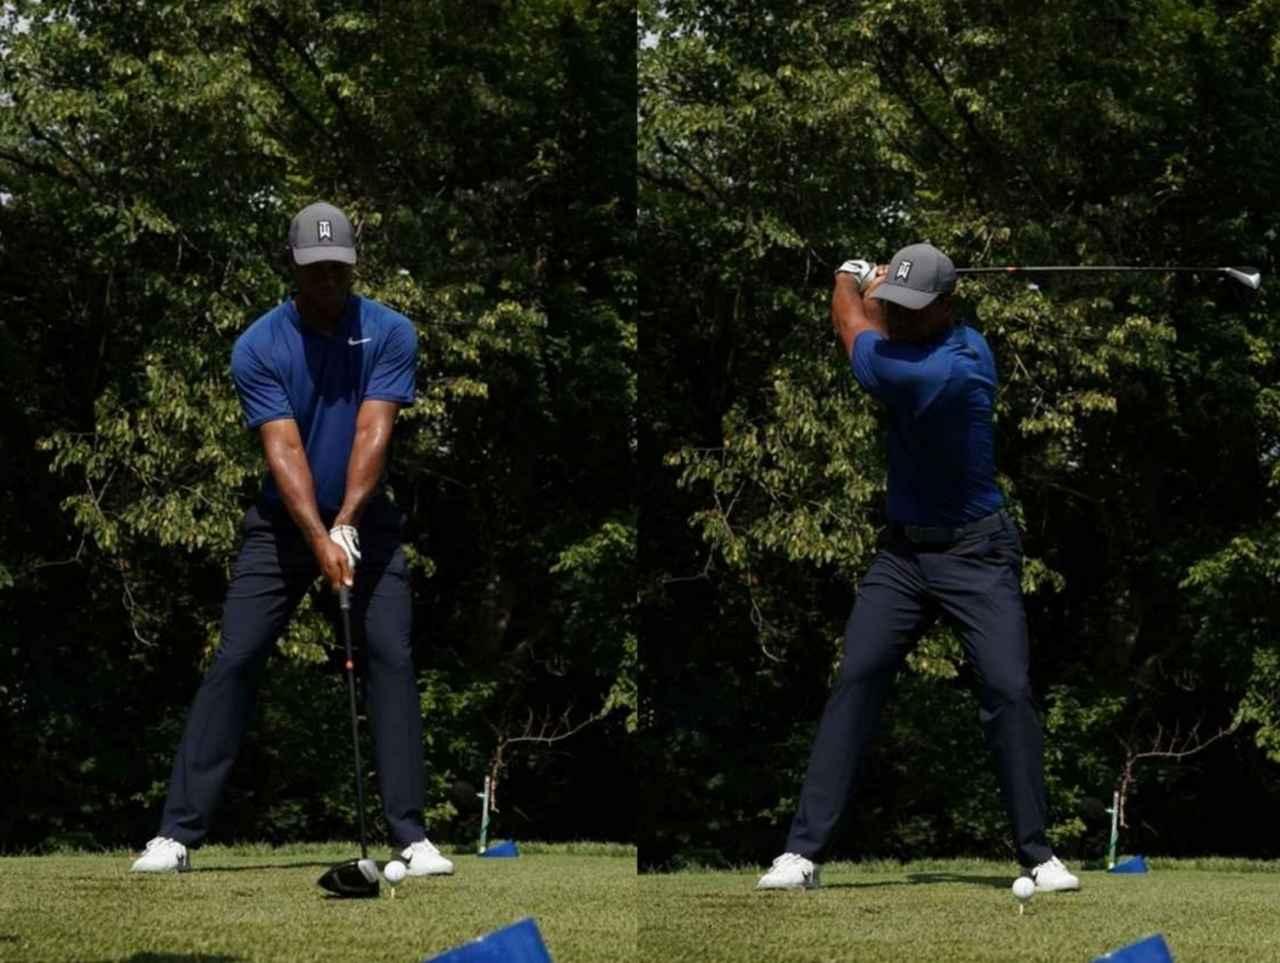 画像: 画像1:アドレスとトップでの左ひざの位置がほとんど変わらない。これにより背中の大きな筋肉を伸ばす(写真は2018年の全米プロゴルフ選手権 撮影/姉崎正)